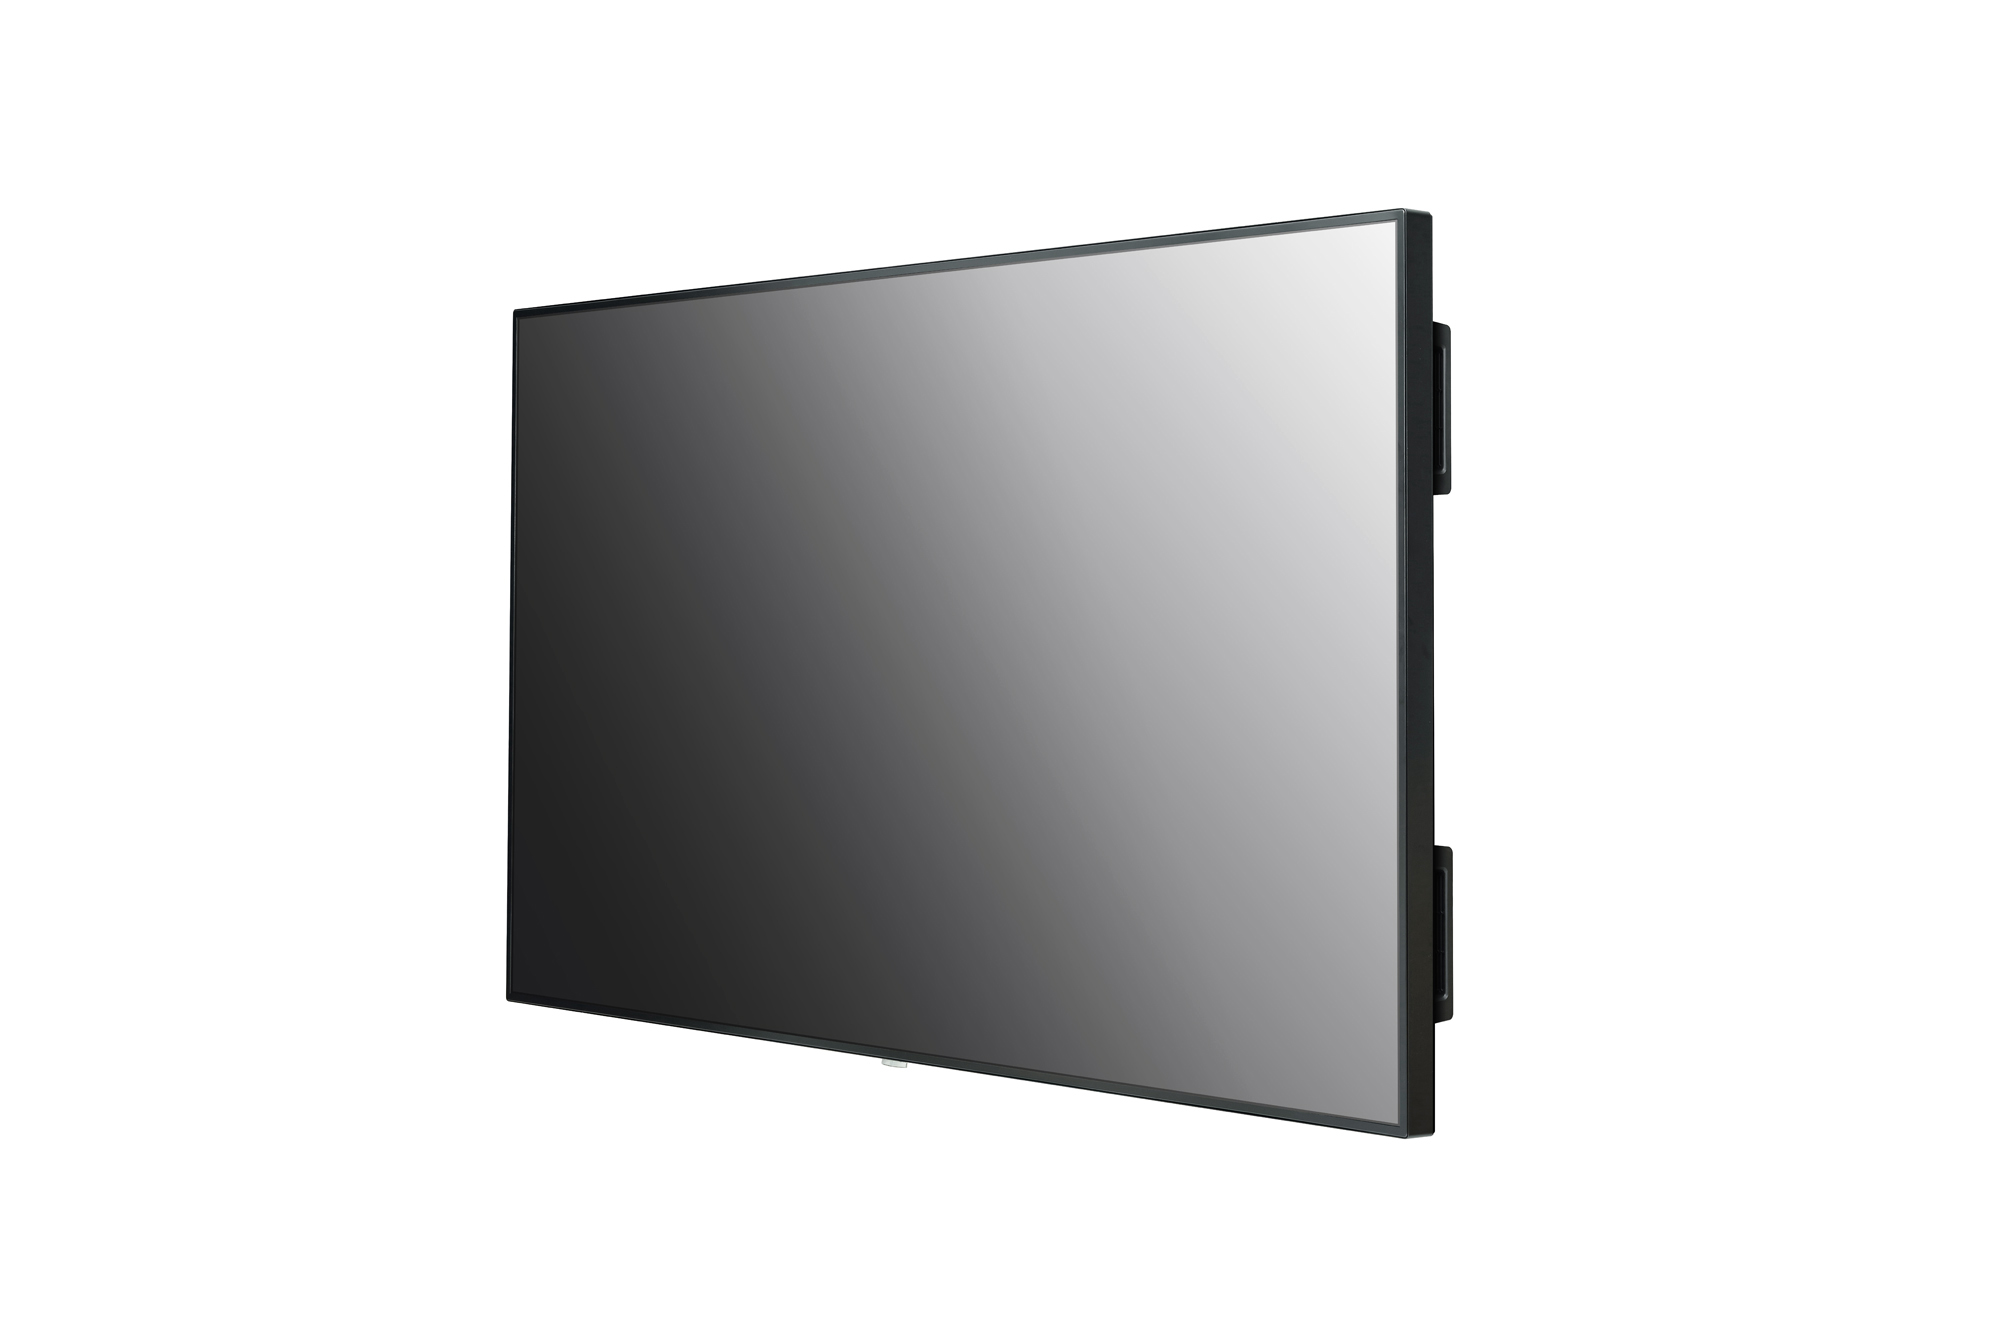 LG Standard Premium 98UH5F-B 3